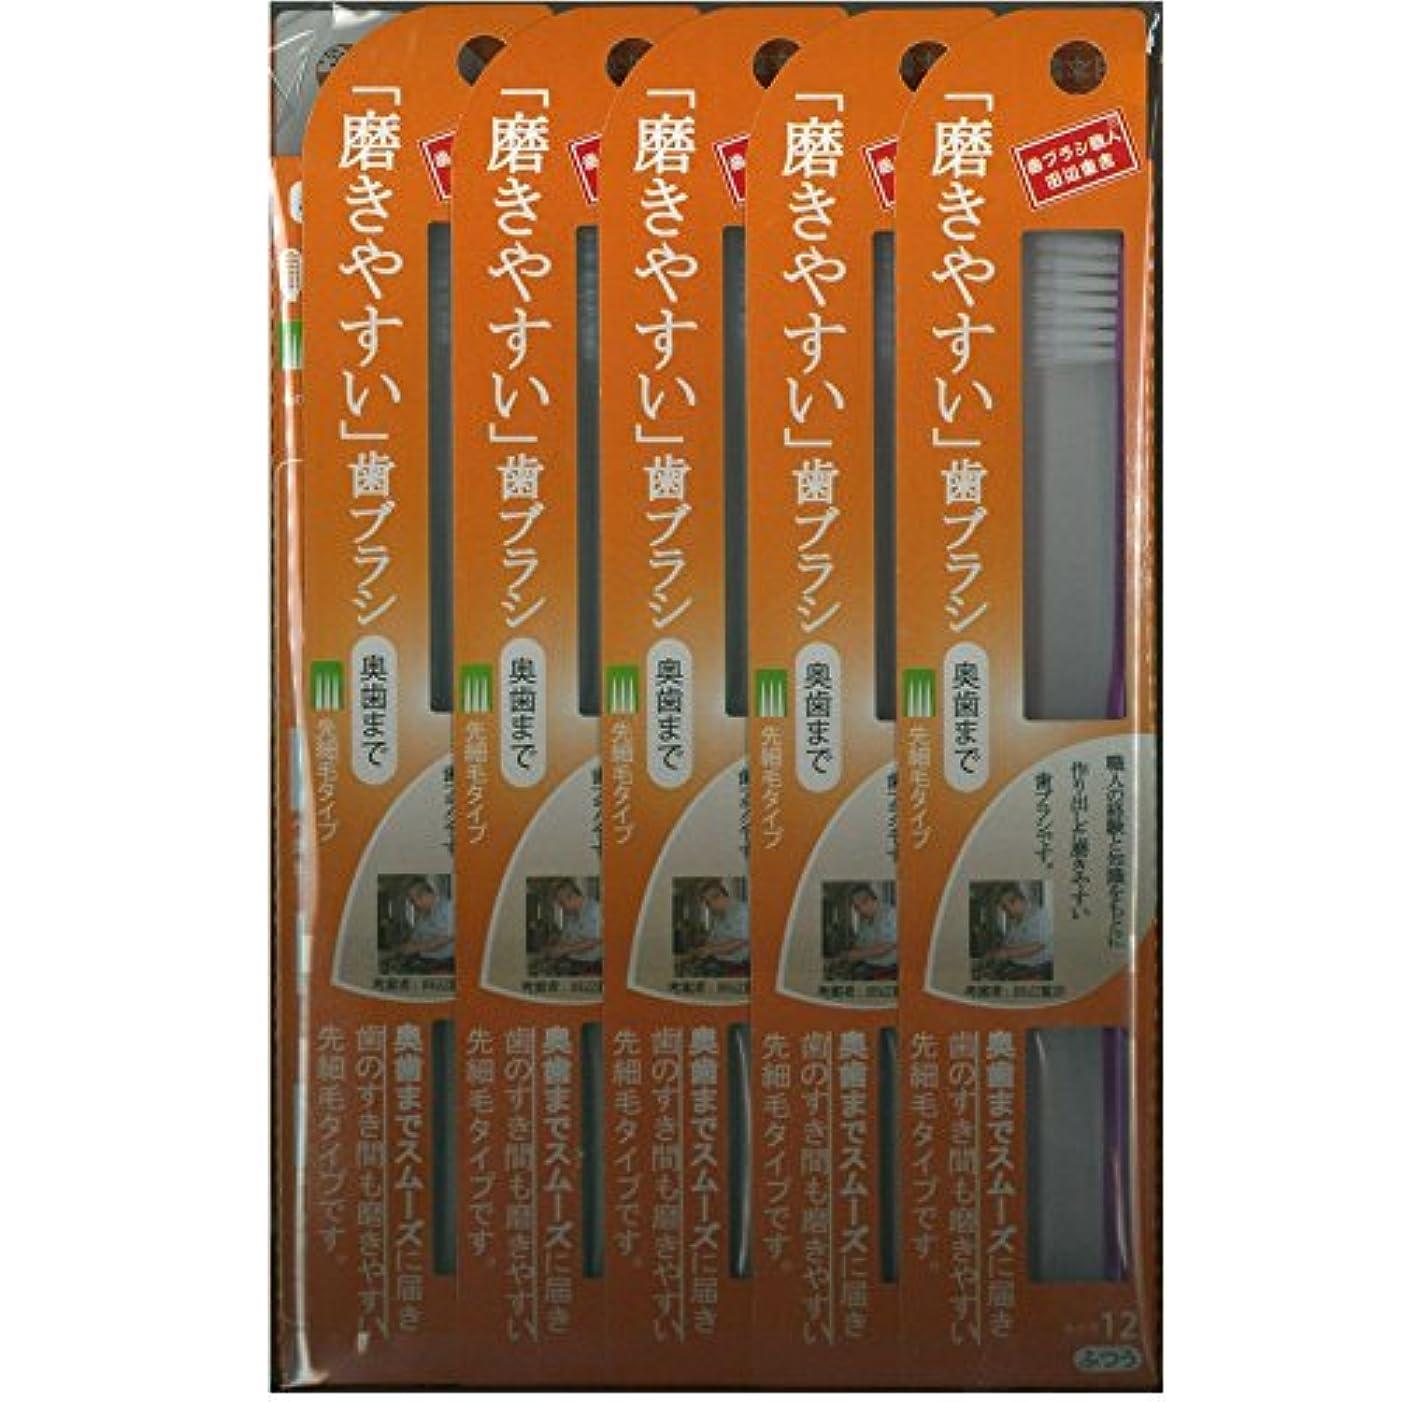 雹してはいけませんつづり磨きやすい歯ブラシ(奥歯まで)先細 LT-12×12本セット( ピンク×4本、ブルー×4本、グリーン×2本、パープル×2本)